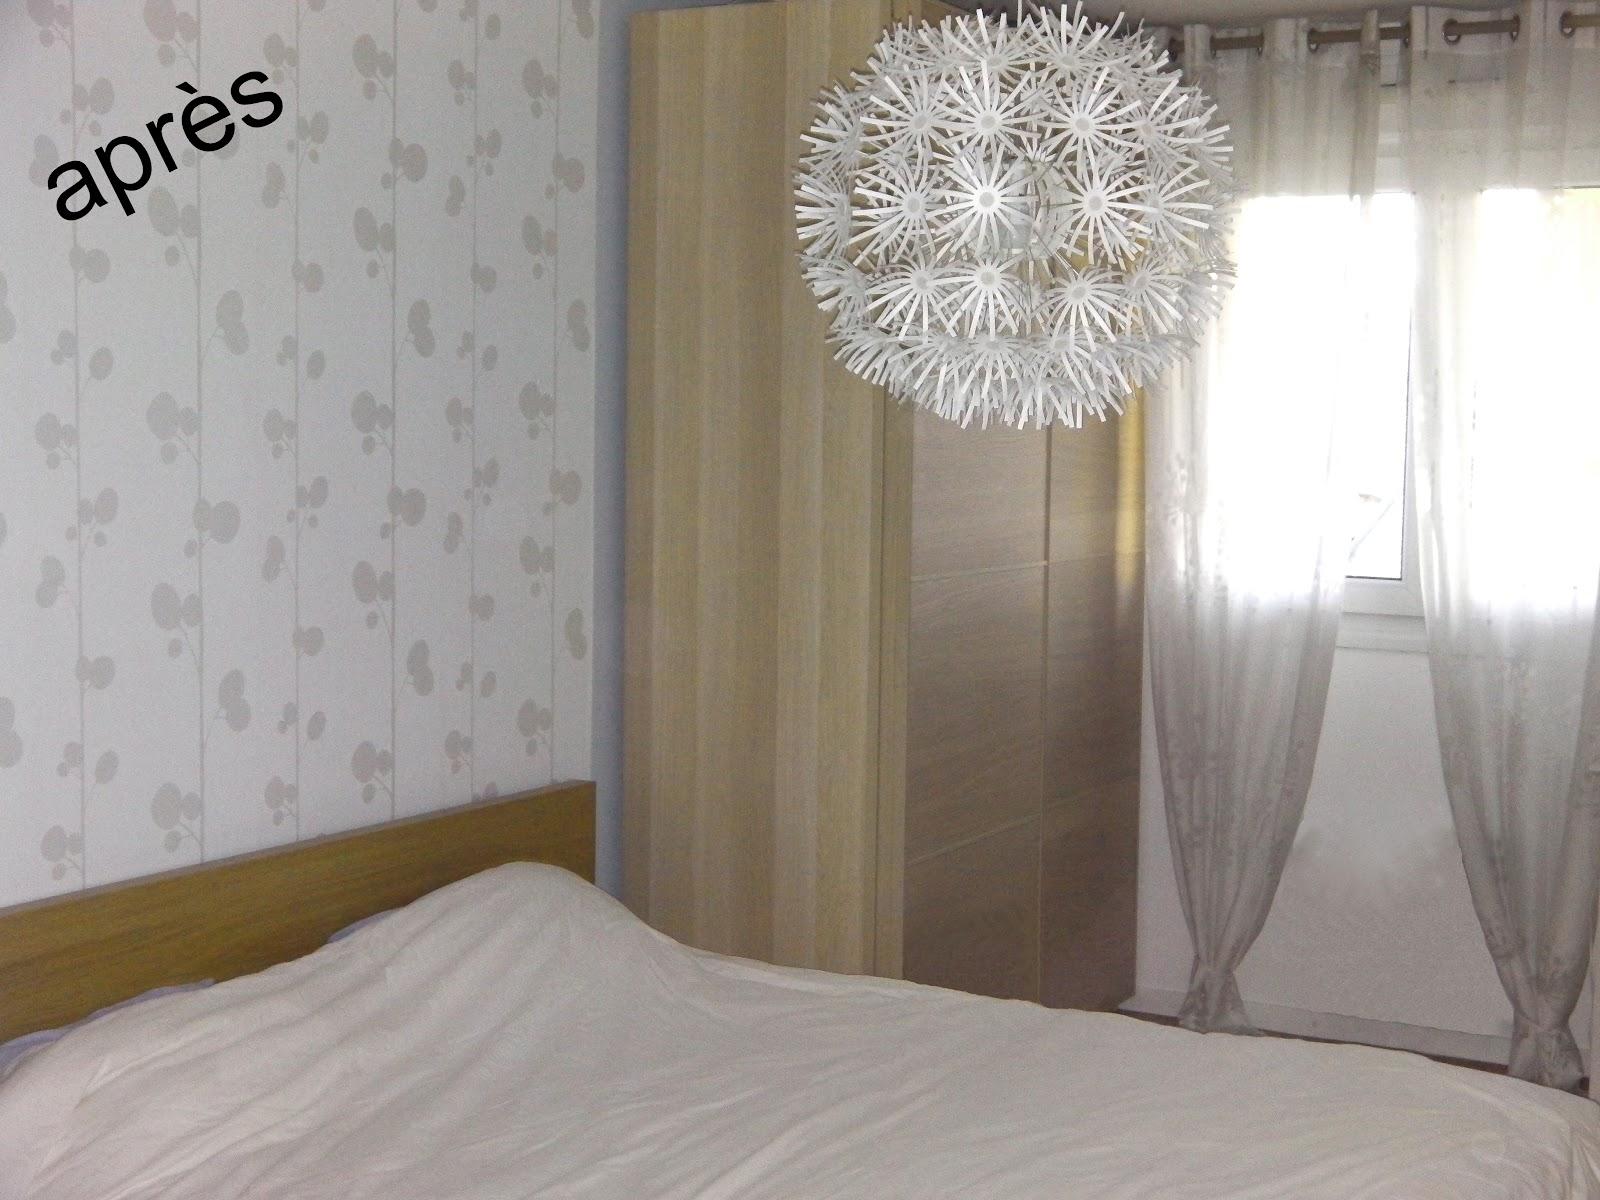 papier peint chantemur salon. Black Bedroom Furniture Sets. Home Design Ideas